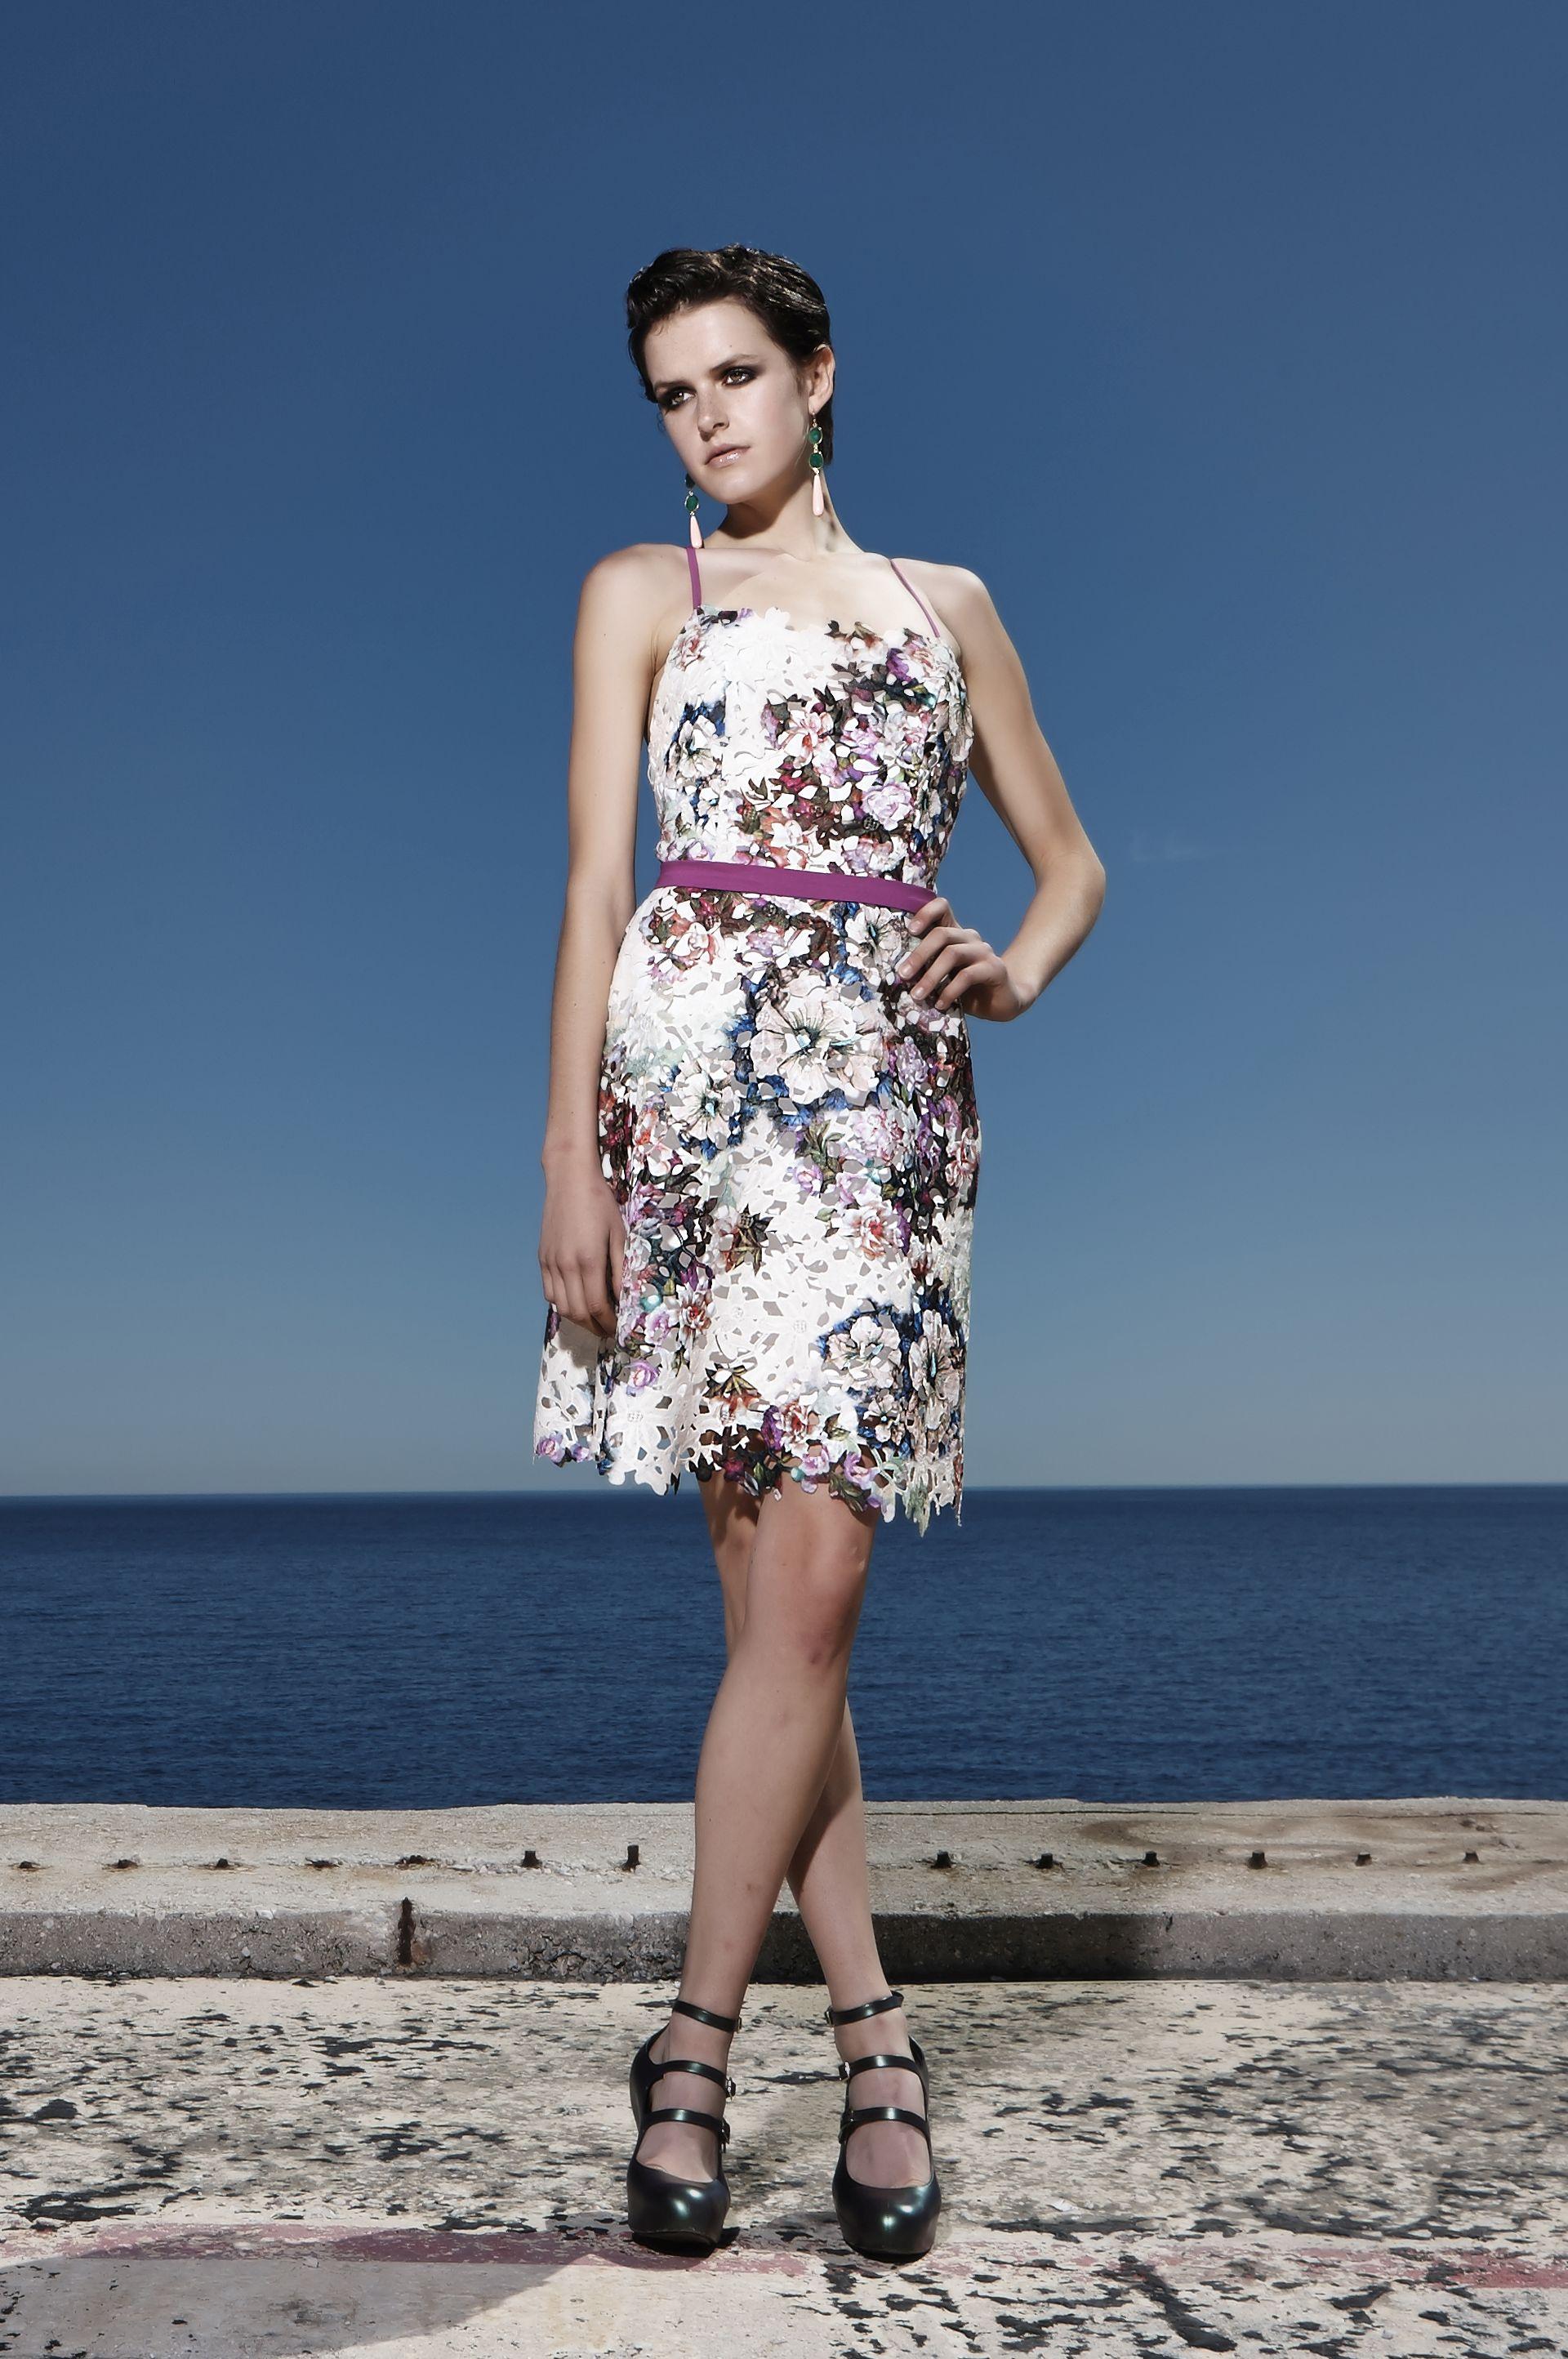 Florale δαντελένιο φόρεμα με τιράντες και λεπτό ζωνάκι